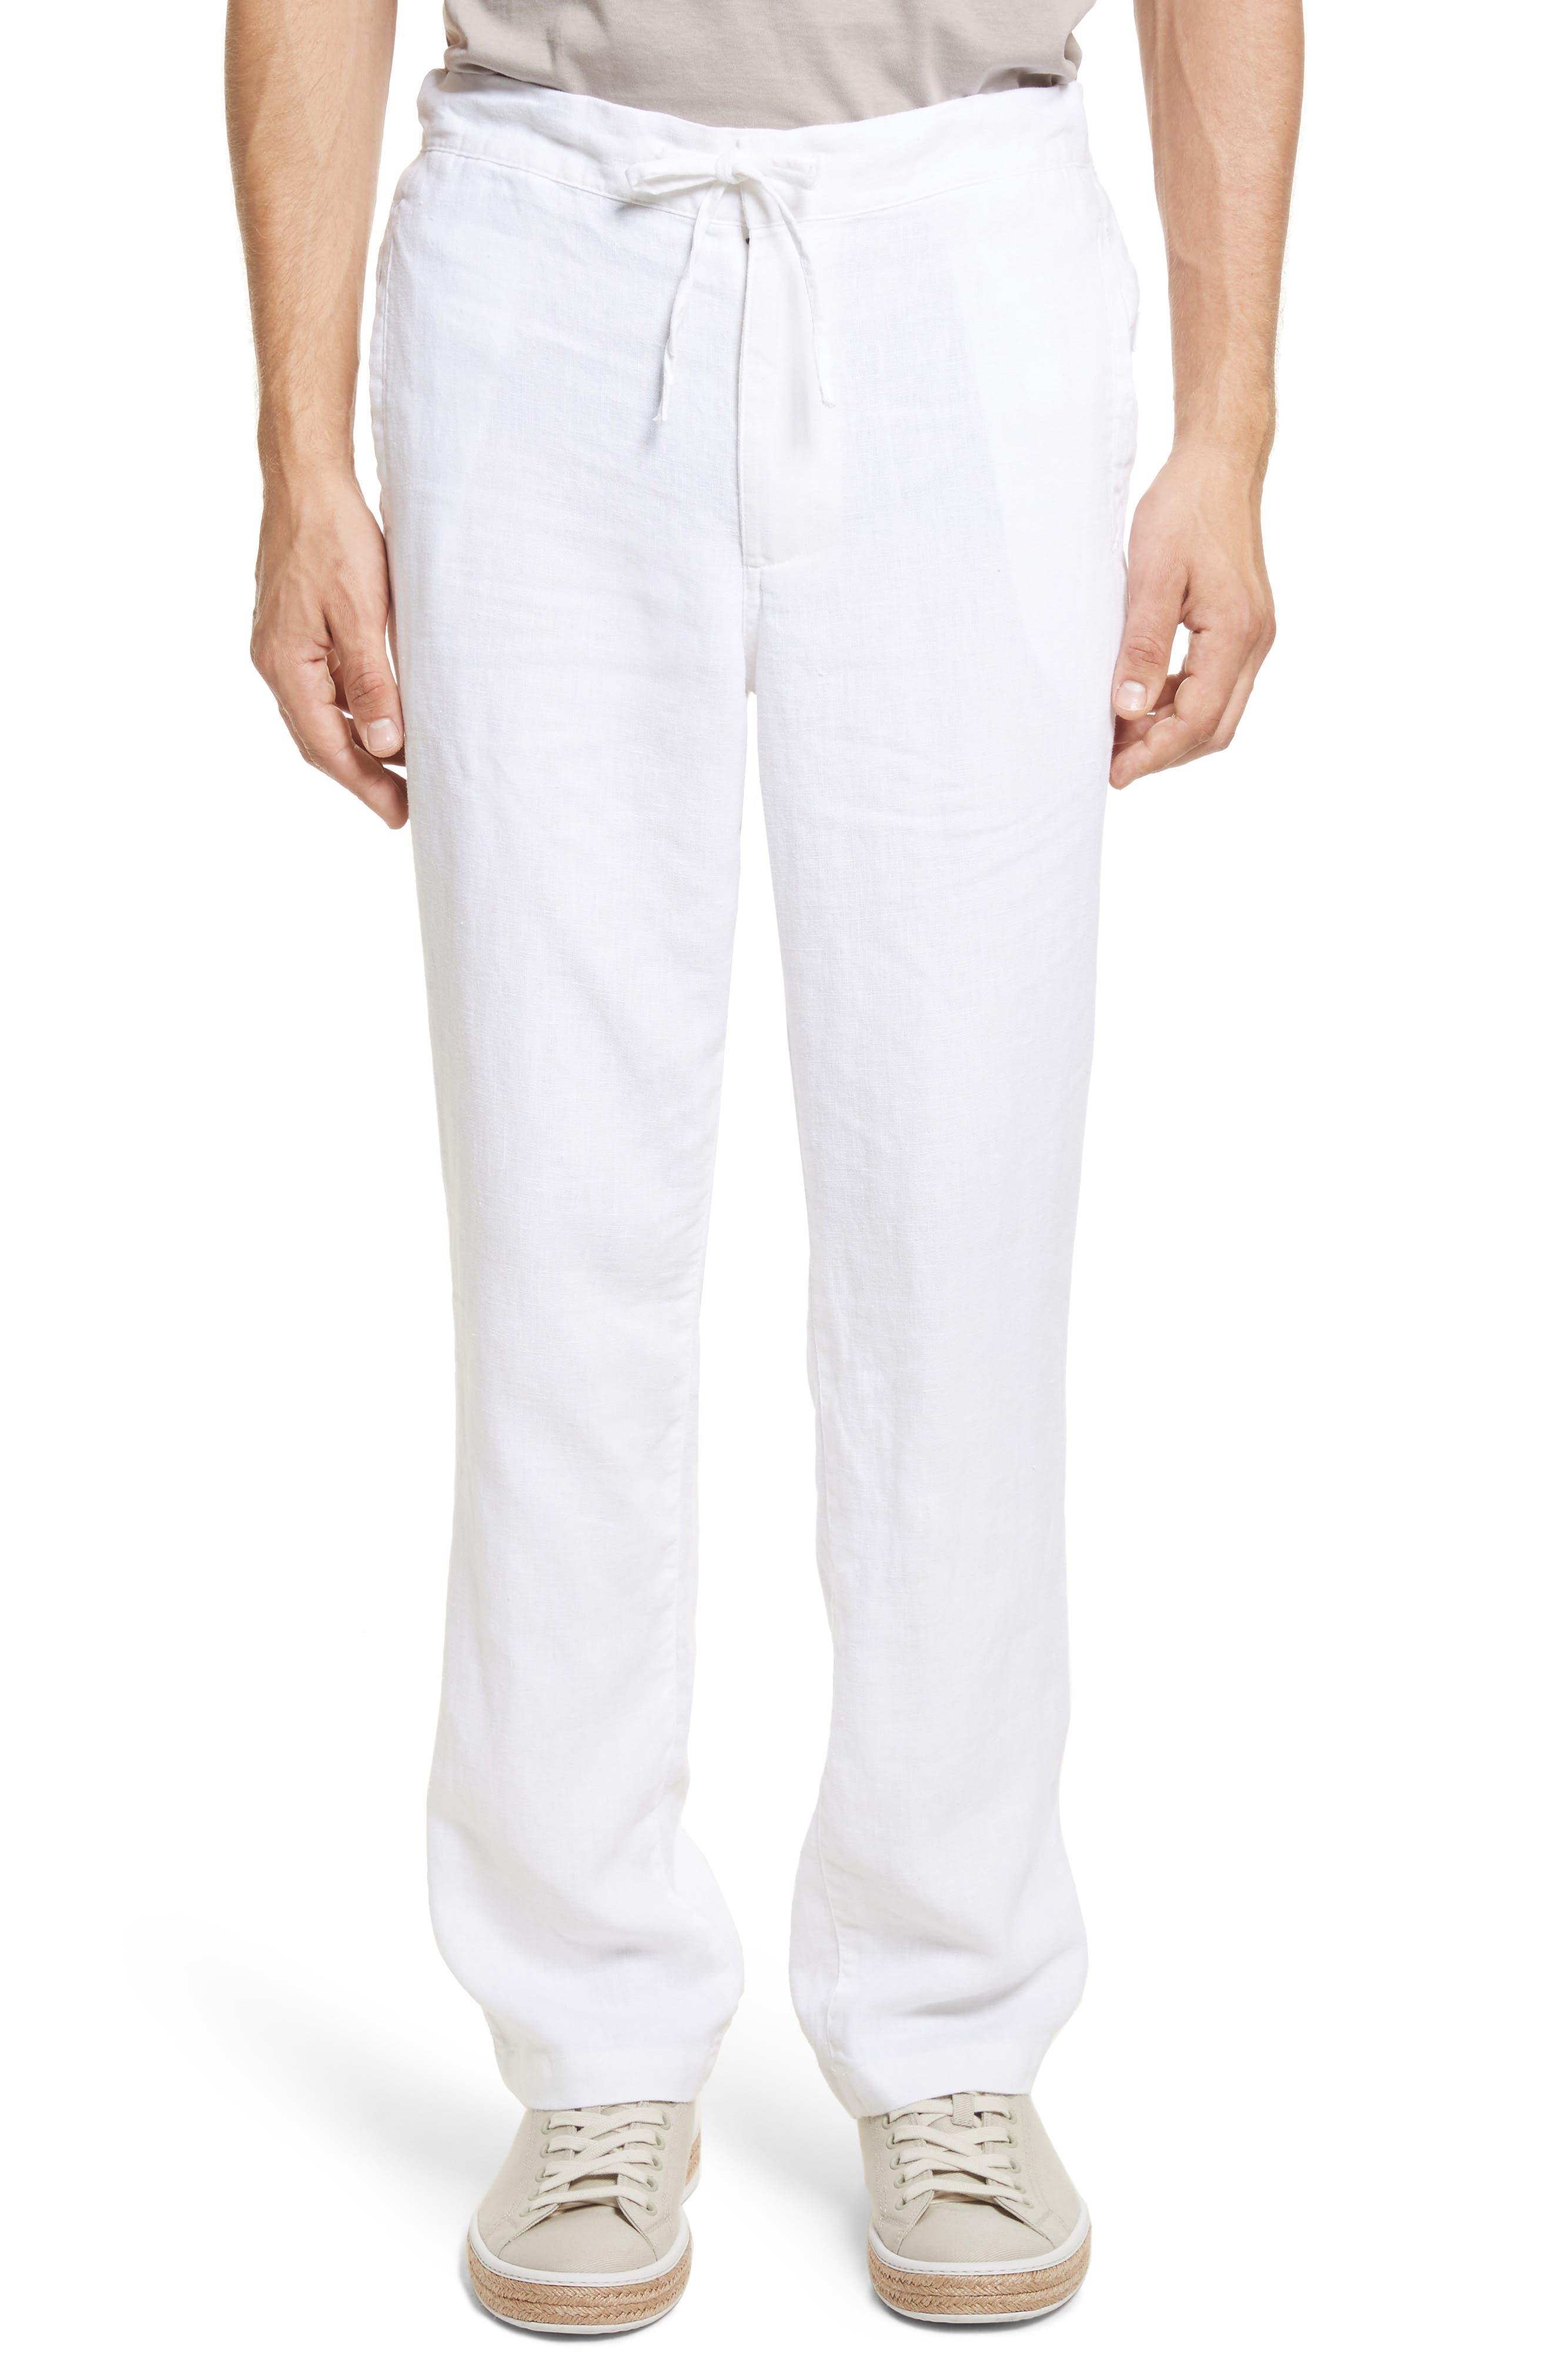 Collin Linen Pants,                         Main,                         color, 100